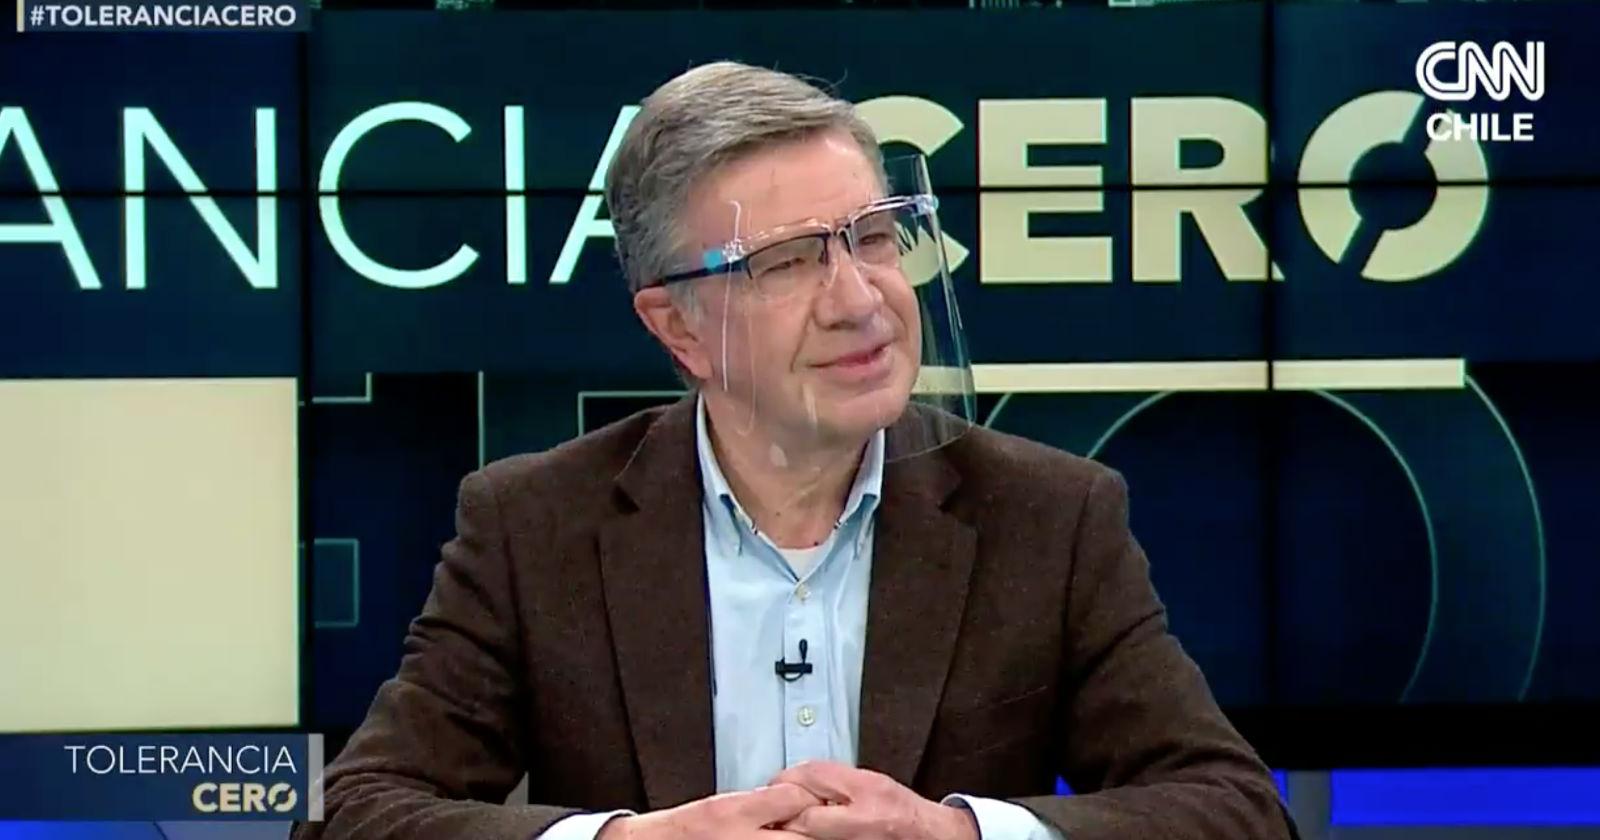 VIDEO - Joaquín Lavín se define como socialdemócrata: